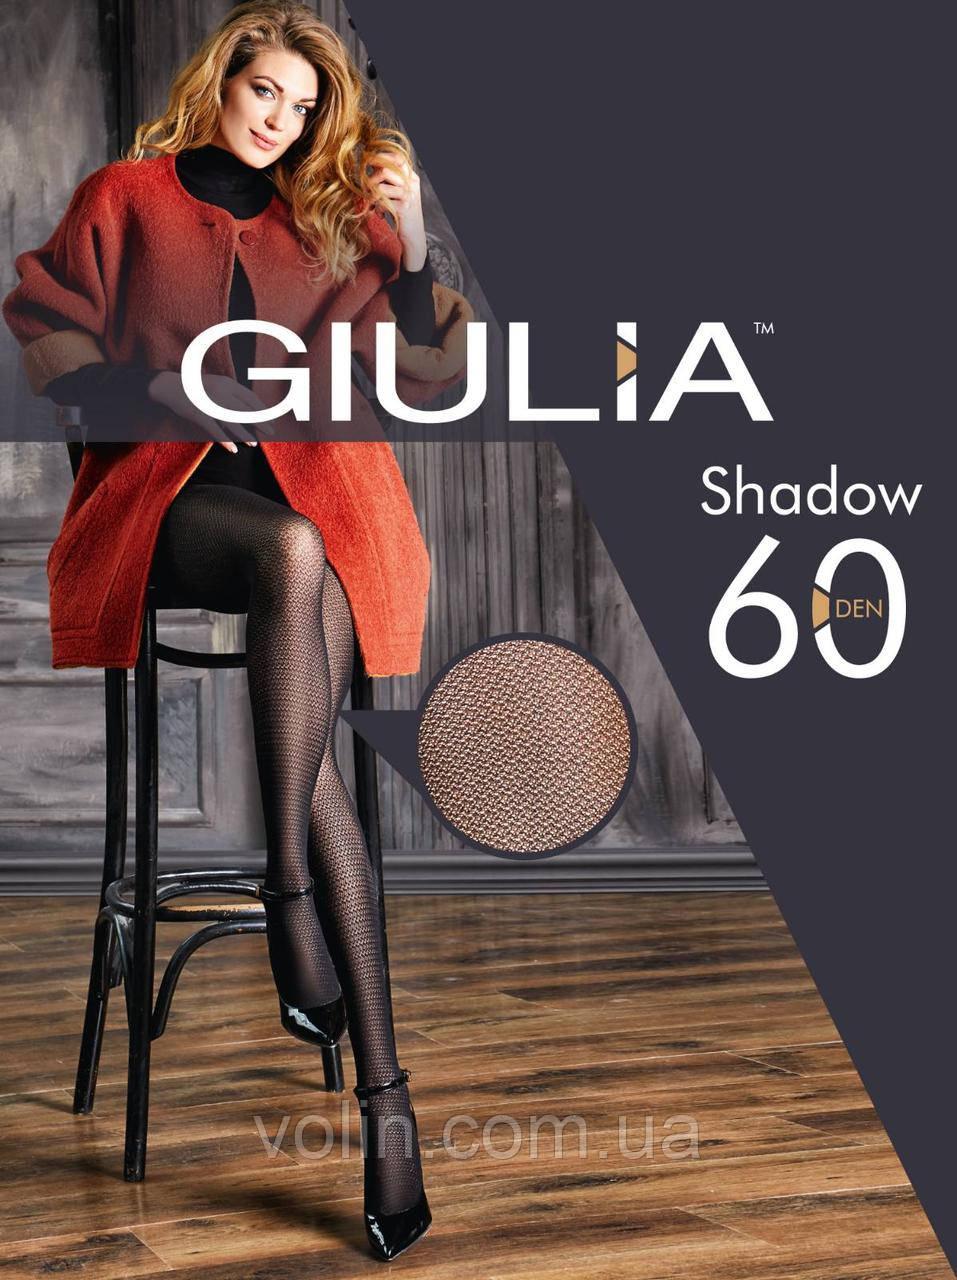 Колготки женские фантазийные Giulia Shadow 60 model 10